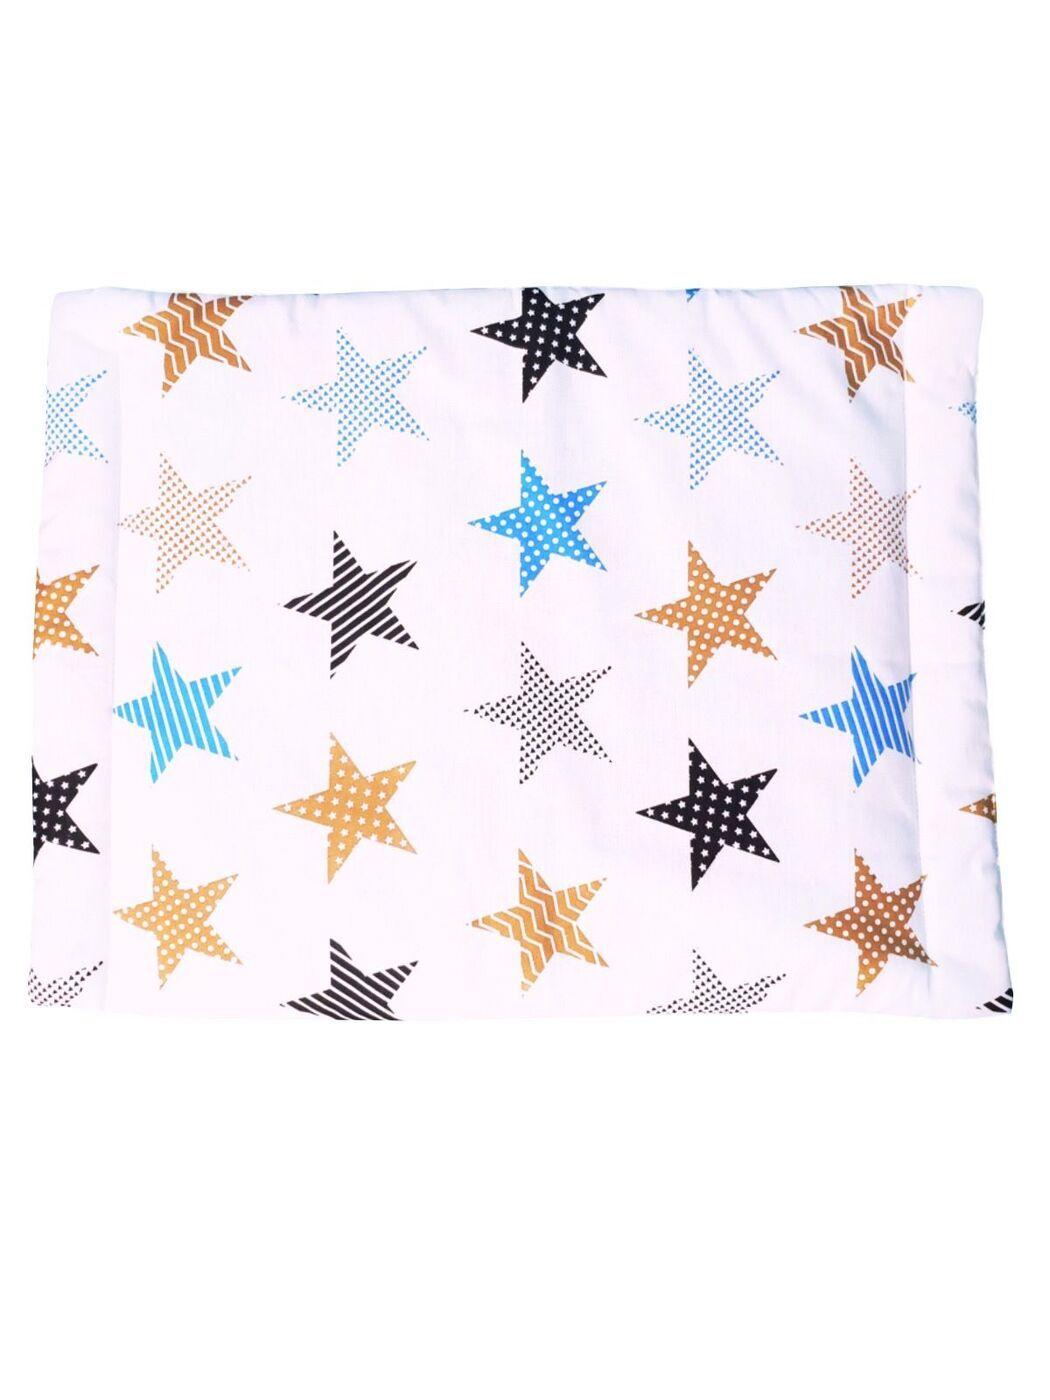 Подушка для новорожденных Lili Dreams Звезды пэчворк, 40x60